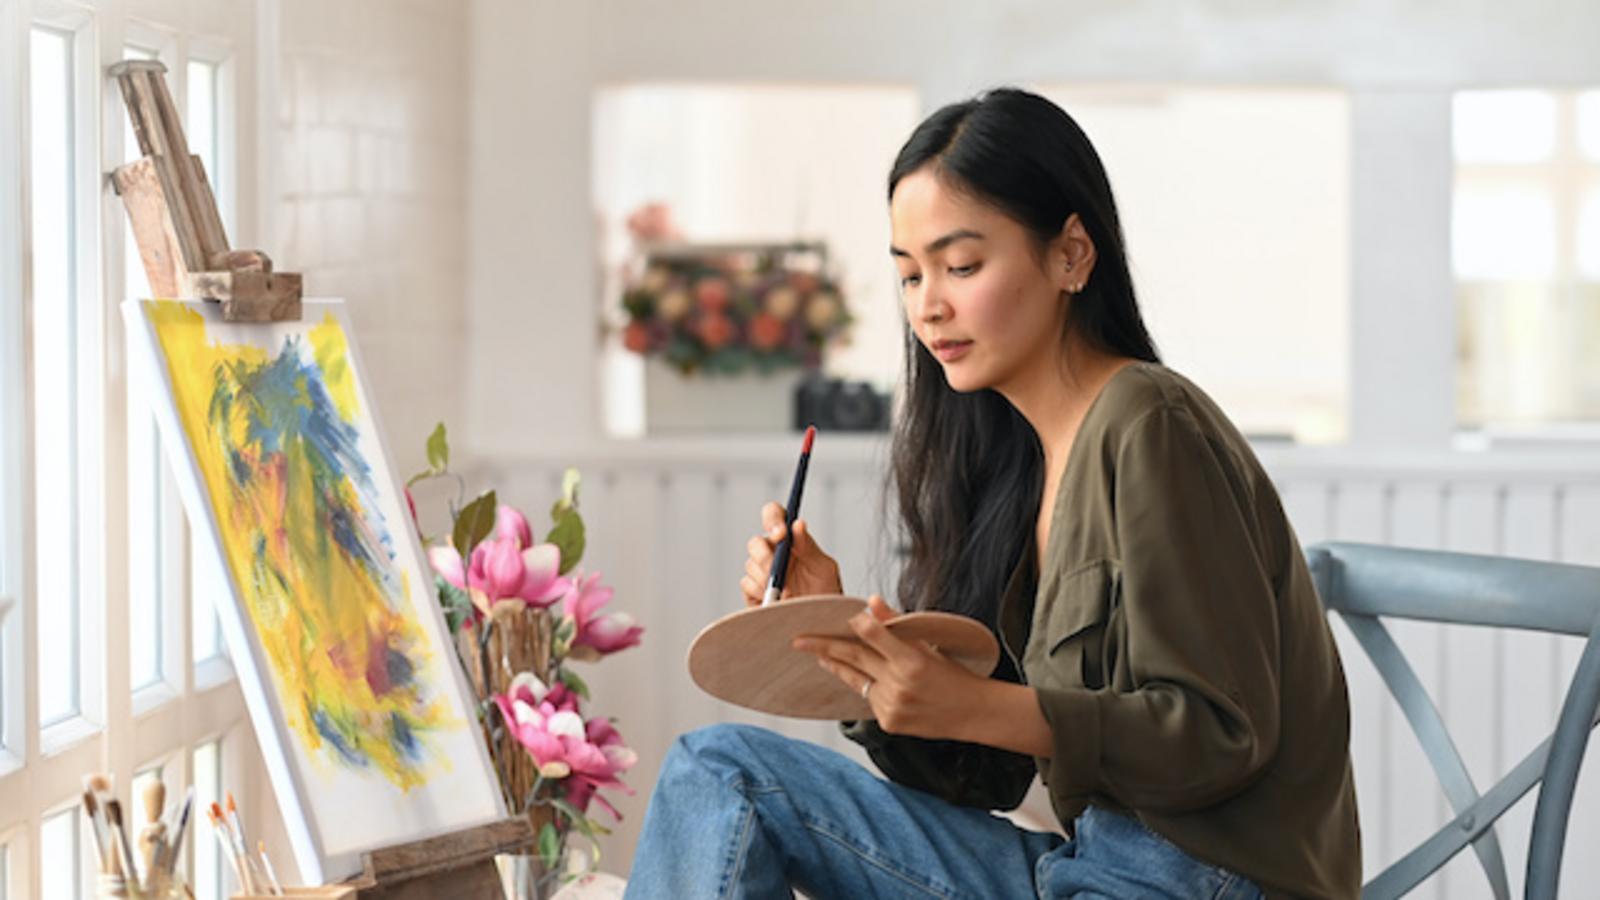 terapia del arte para la autoestima